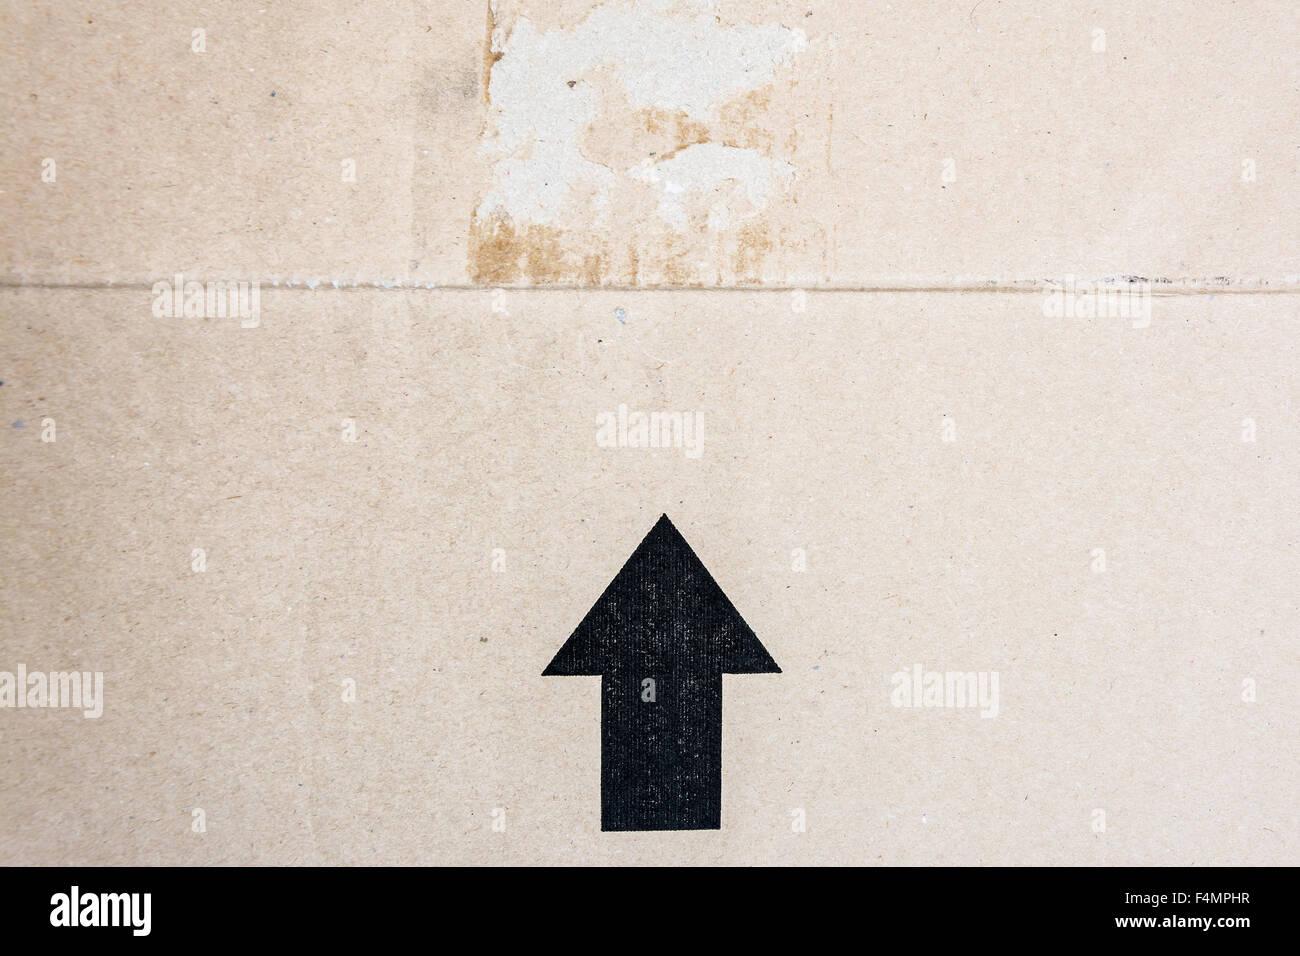 detail of delivered  parcel - Stock Image